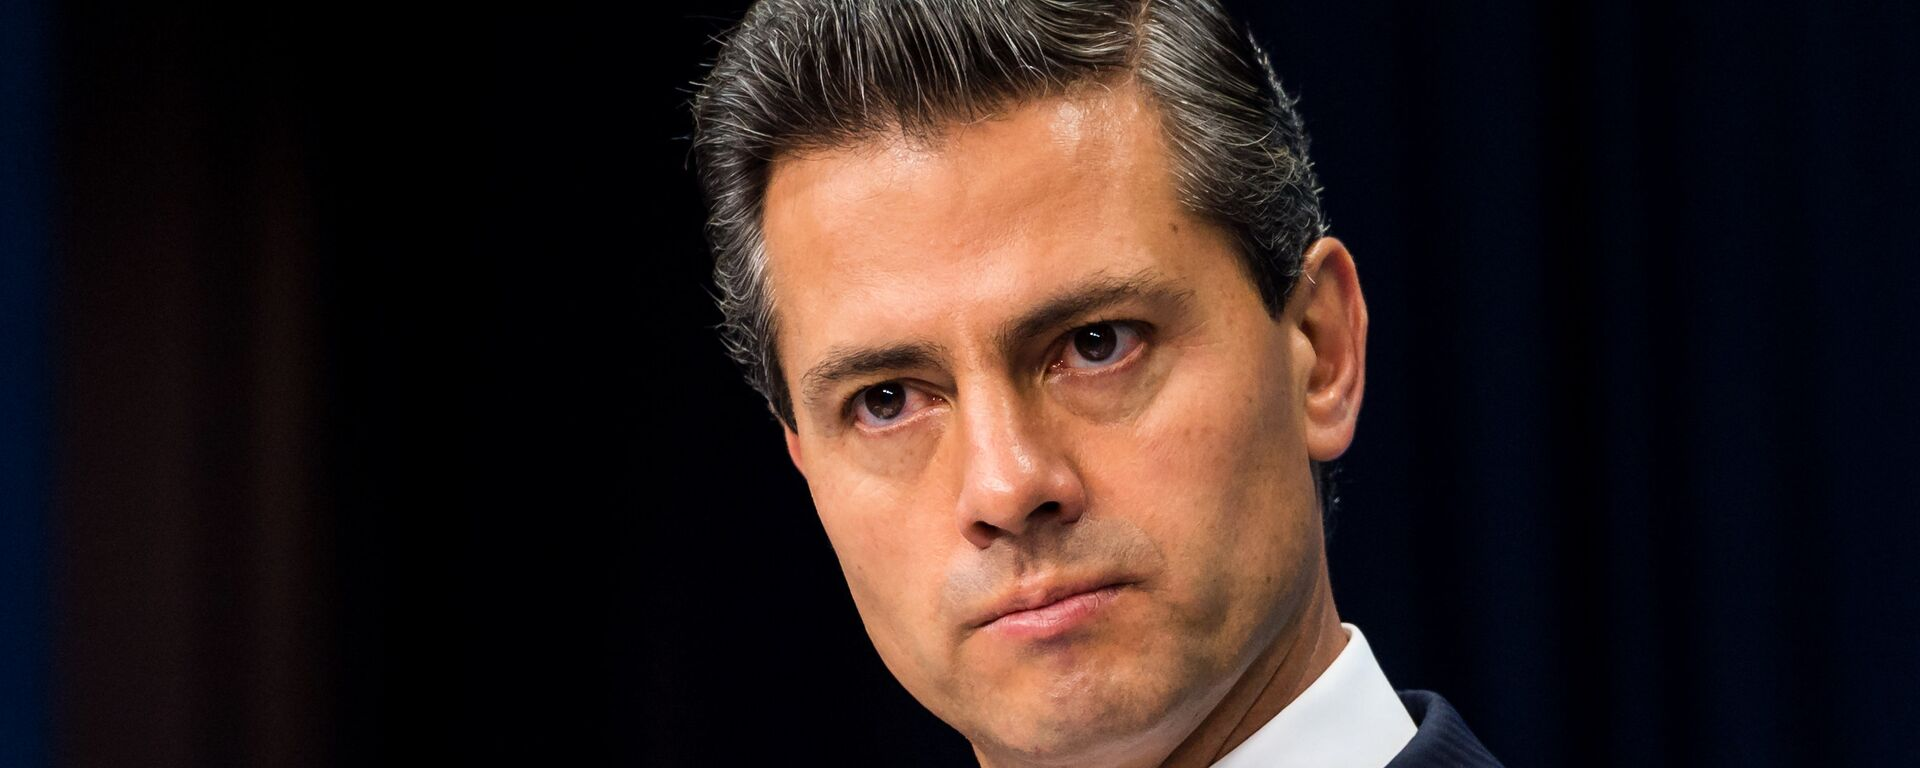 Enrique Peña Nieto, expresidente de México - Sputnik Mundo, 1920, 16.07.2020